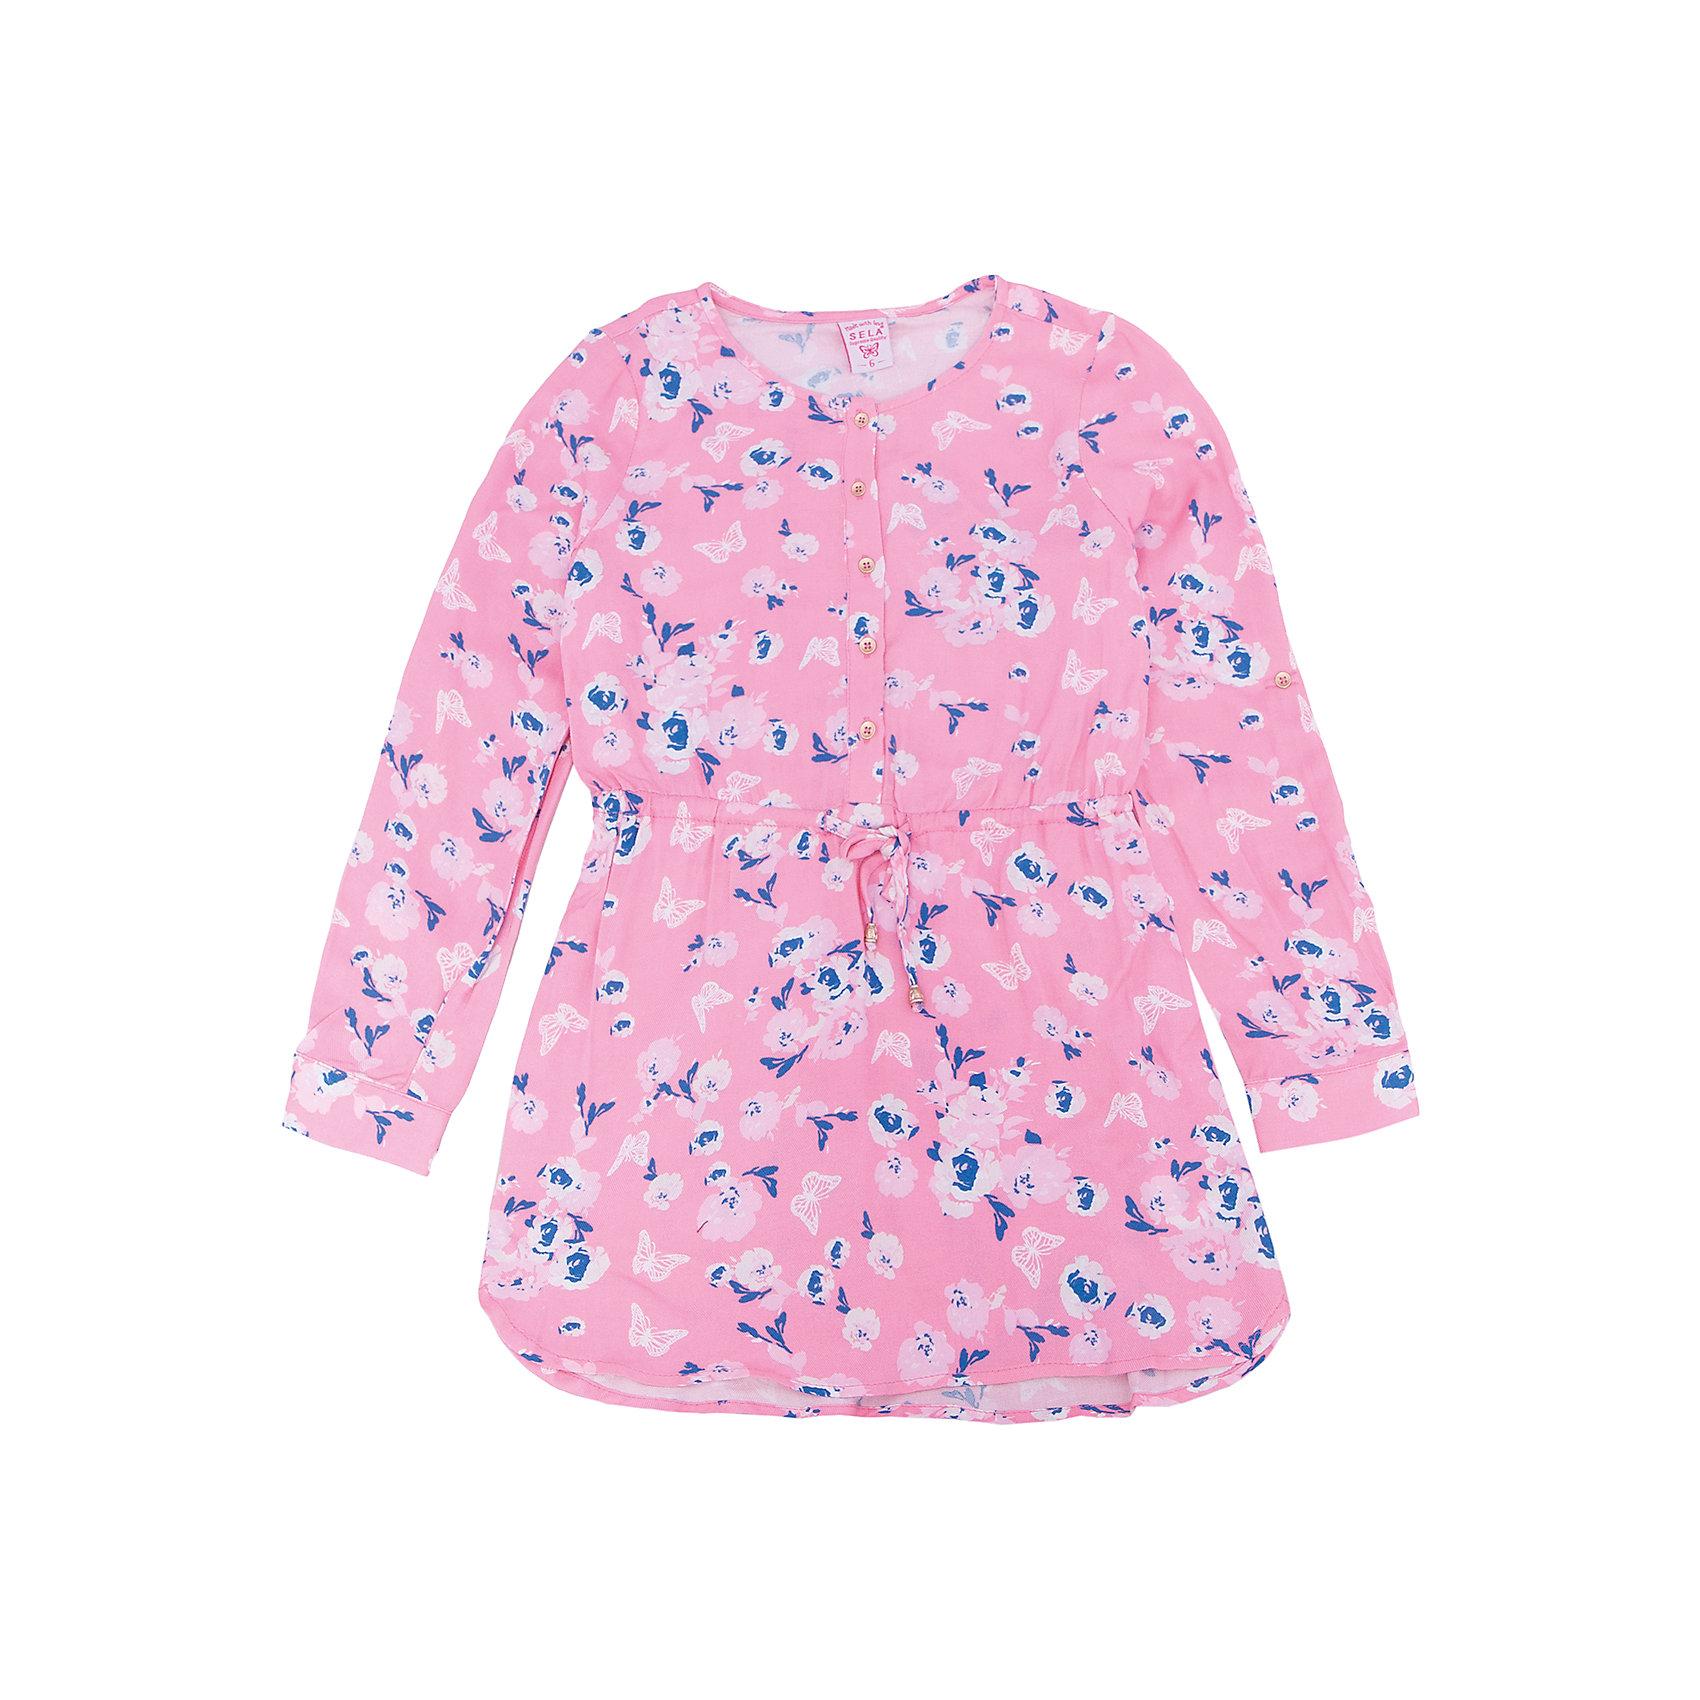 Платье для девочки SELAХарактеристики товара:<br><br>• цвет: розовый<br>• состав: 100% вискоза<br>• декорировано цветочным принтом<br>• приталенное<br>• длинные рукава<br>• застёгивается на пуговицы<br>• коллекция весна-лето 2017<br>• страна бренда: Российская Федерация<br>• страна изготовитель: Китай<br><br>В новой коллекции SELA отличные модели одежды! Это платье для девочки поможет разнообразить гардероб ребенка и обеспечить комфорт. Оно отлично сочетается с различной обувью. Стильная и удобная вещь!<br><br>Одежда, обувь и аксессуары от российского бренда SELA не зря пользуются большой популярностью у детей и взрослых! Модели этой марки - стильные и удобные, цена при этом неизменно остается доступной. Для их производства используются только безопасные, качественные материалы и фурнитура. Новая коллекция поддерживает хорошие традиции бренда! <br><br>Платье для девочки от популярного бренда SELA (СЕЛА) можно купить в нашем интернет-магазине.<br><br>Ширина мм: 236<br>Глубина мм: 16<br>Высота мм: 184<br>Вес г: 177<br>Цвет: розовый<br>Возраст от месяцев: 84<br>Возраст до месяцев: 96<br>Пол: Женский<br>Возраст: Детский<br>Размер: 128,134,140,146,152,116,122<br>SKU: 5305241